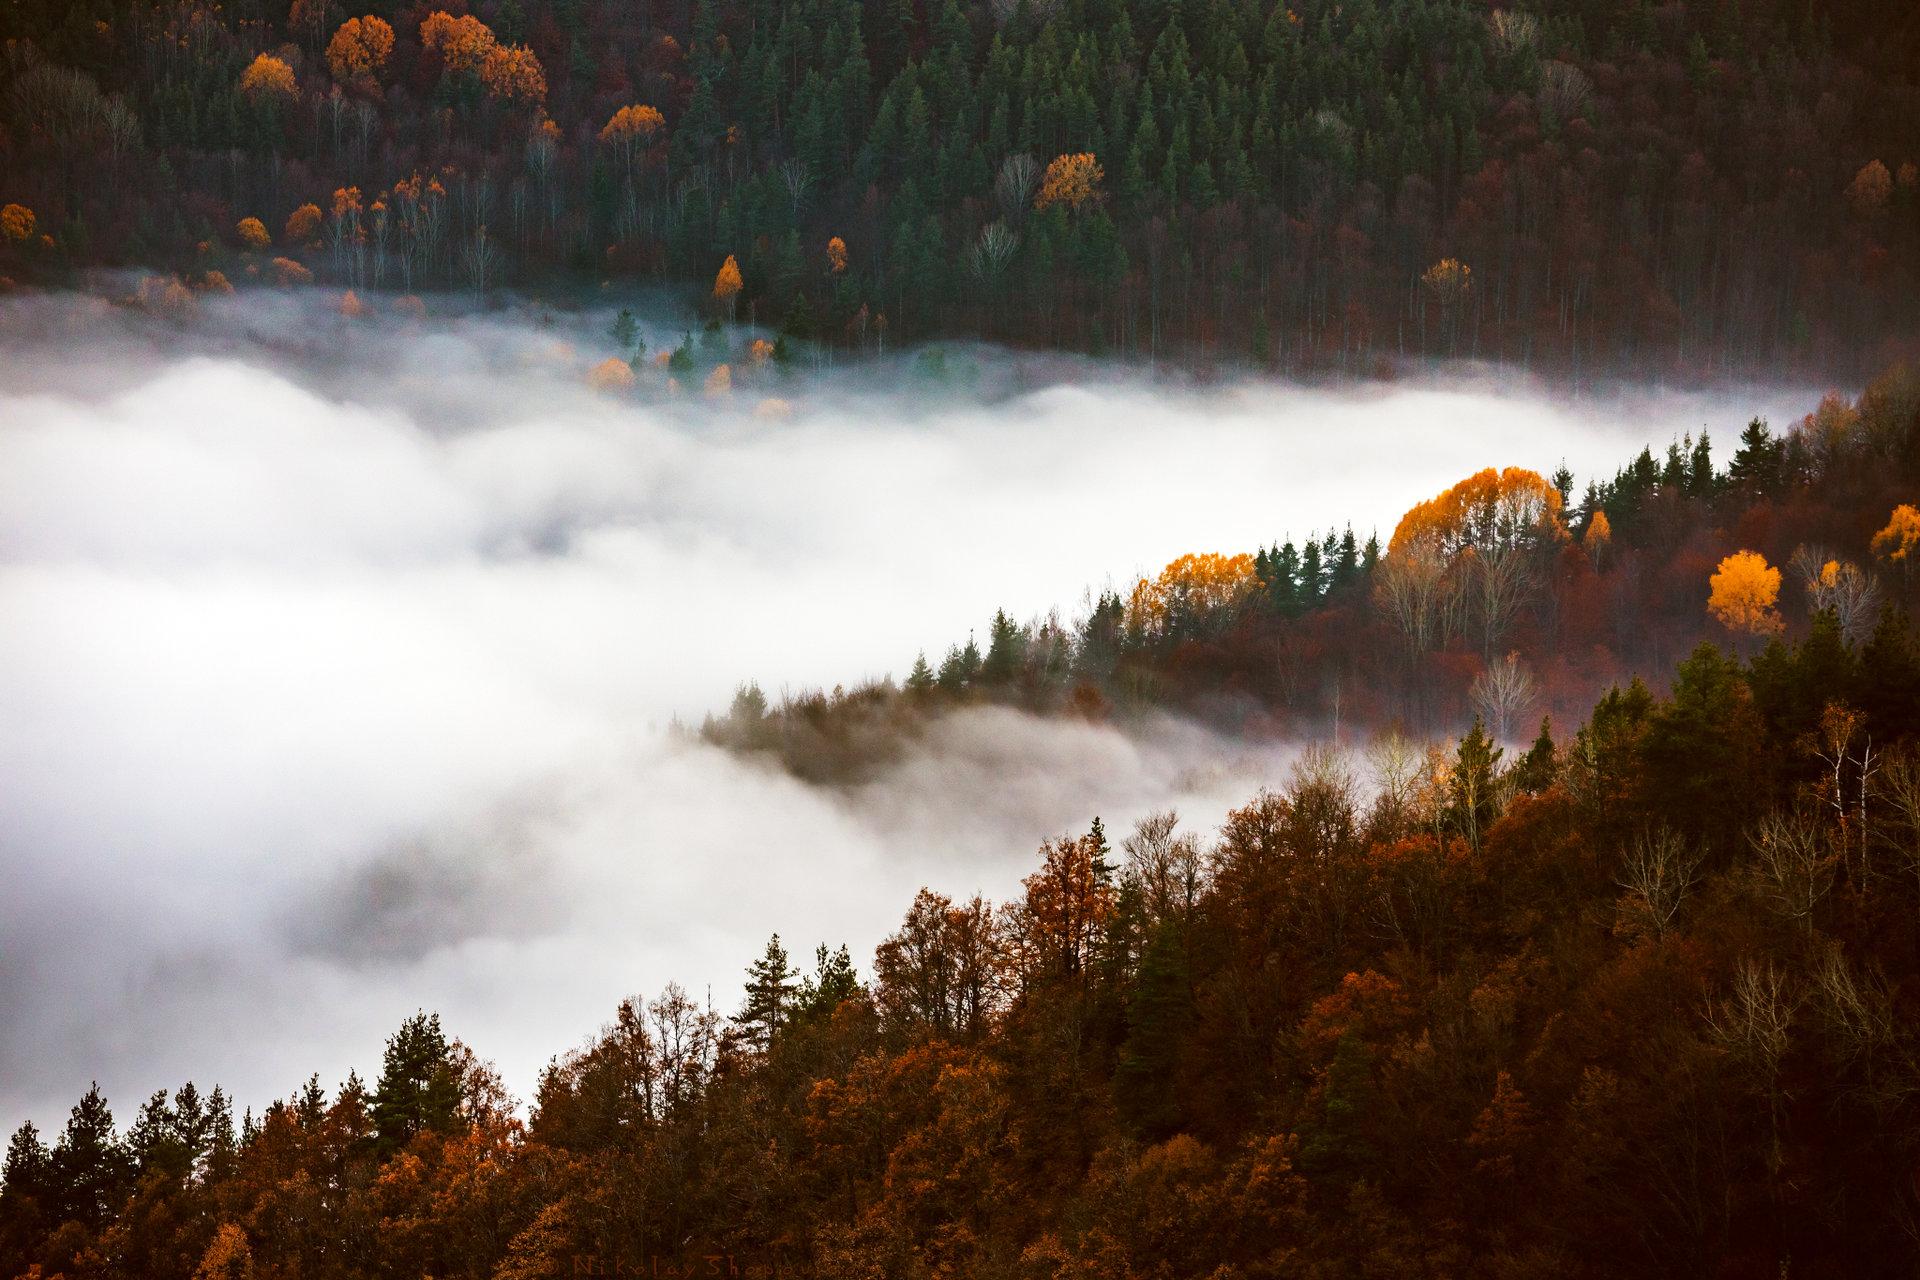 Есен от Nikolay Shopov - Shopov86